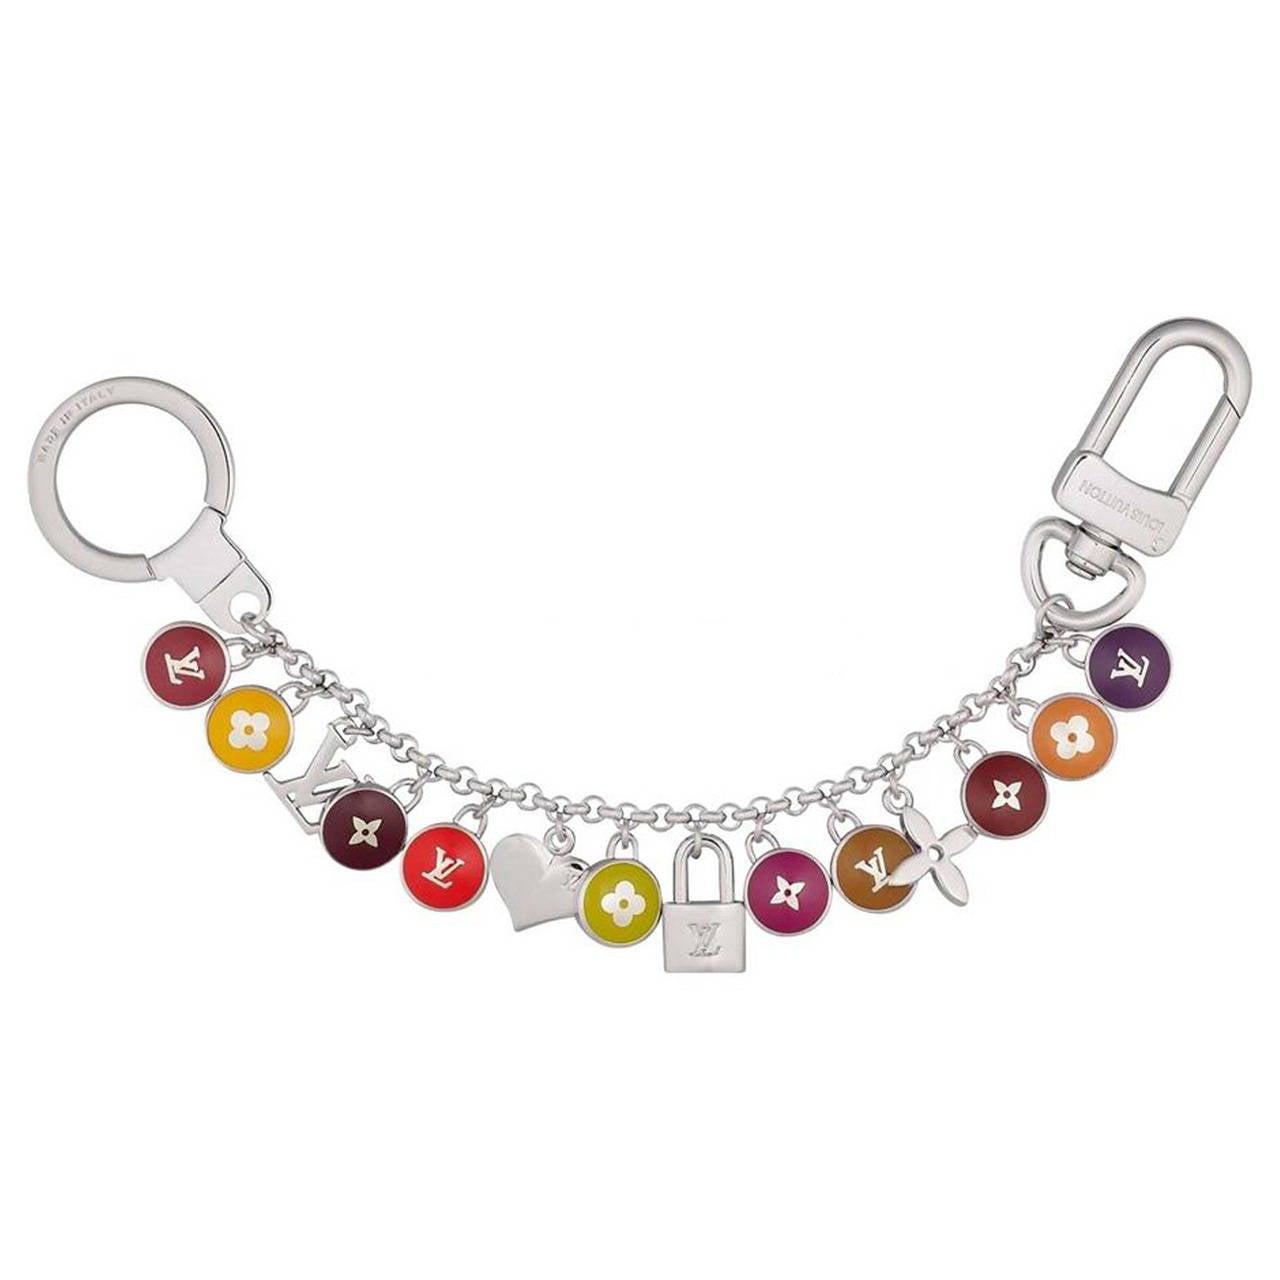 Louis Vuitton Multicolore Pastilles Chain Bag Key Charm